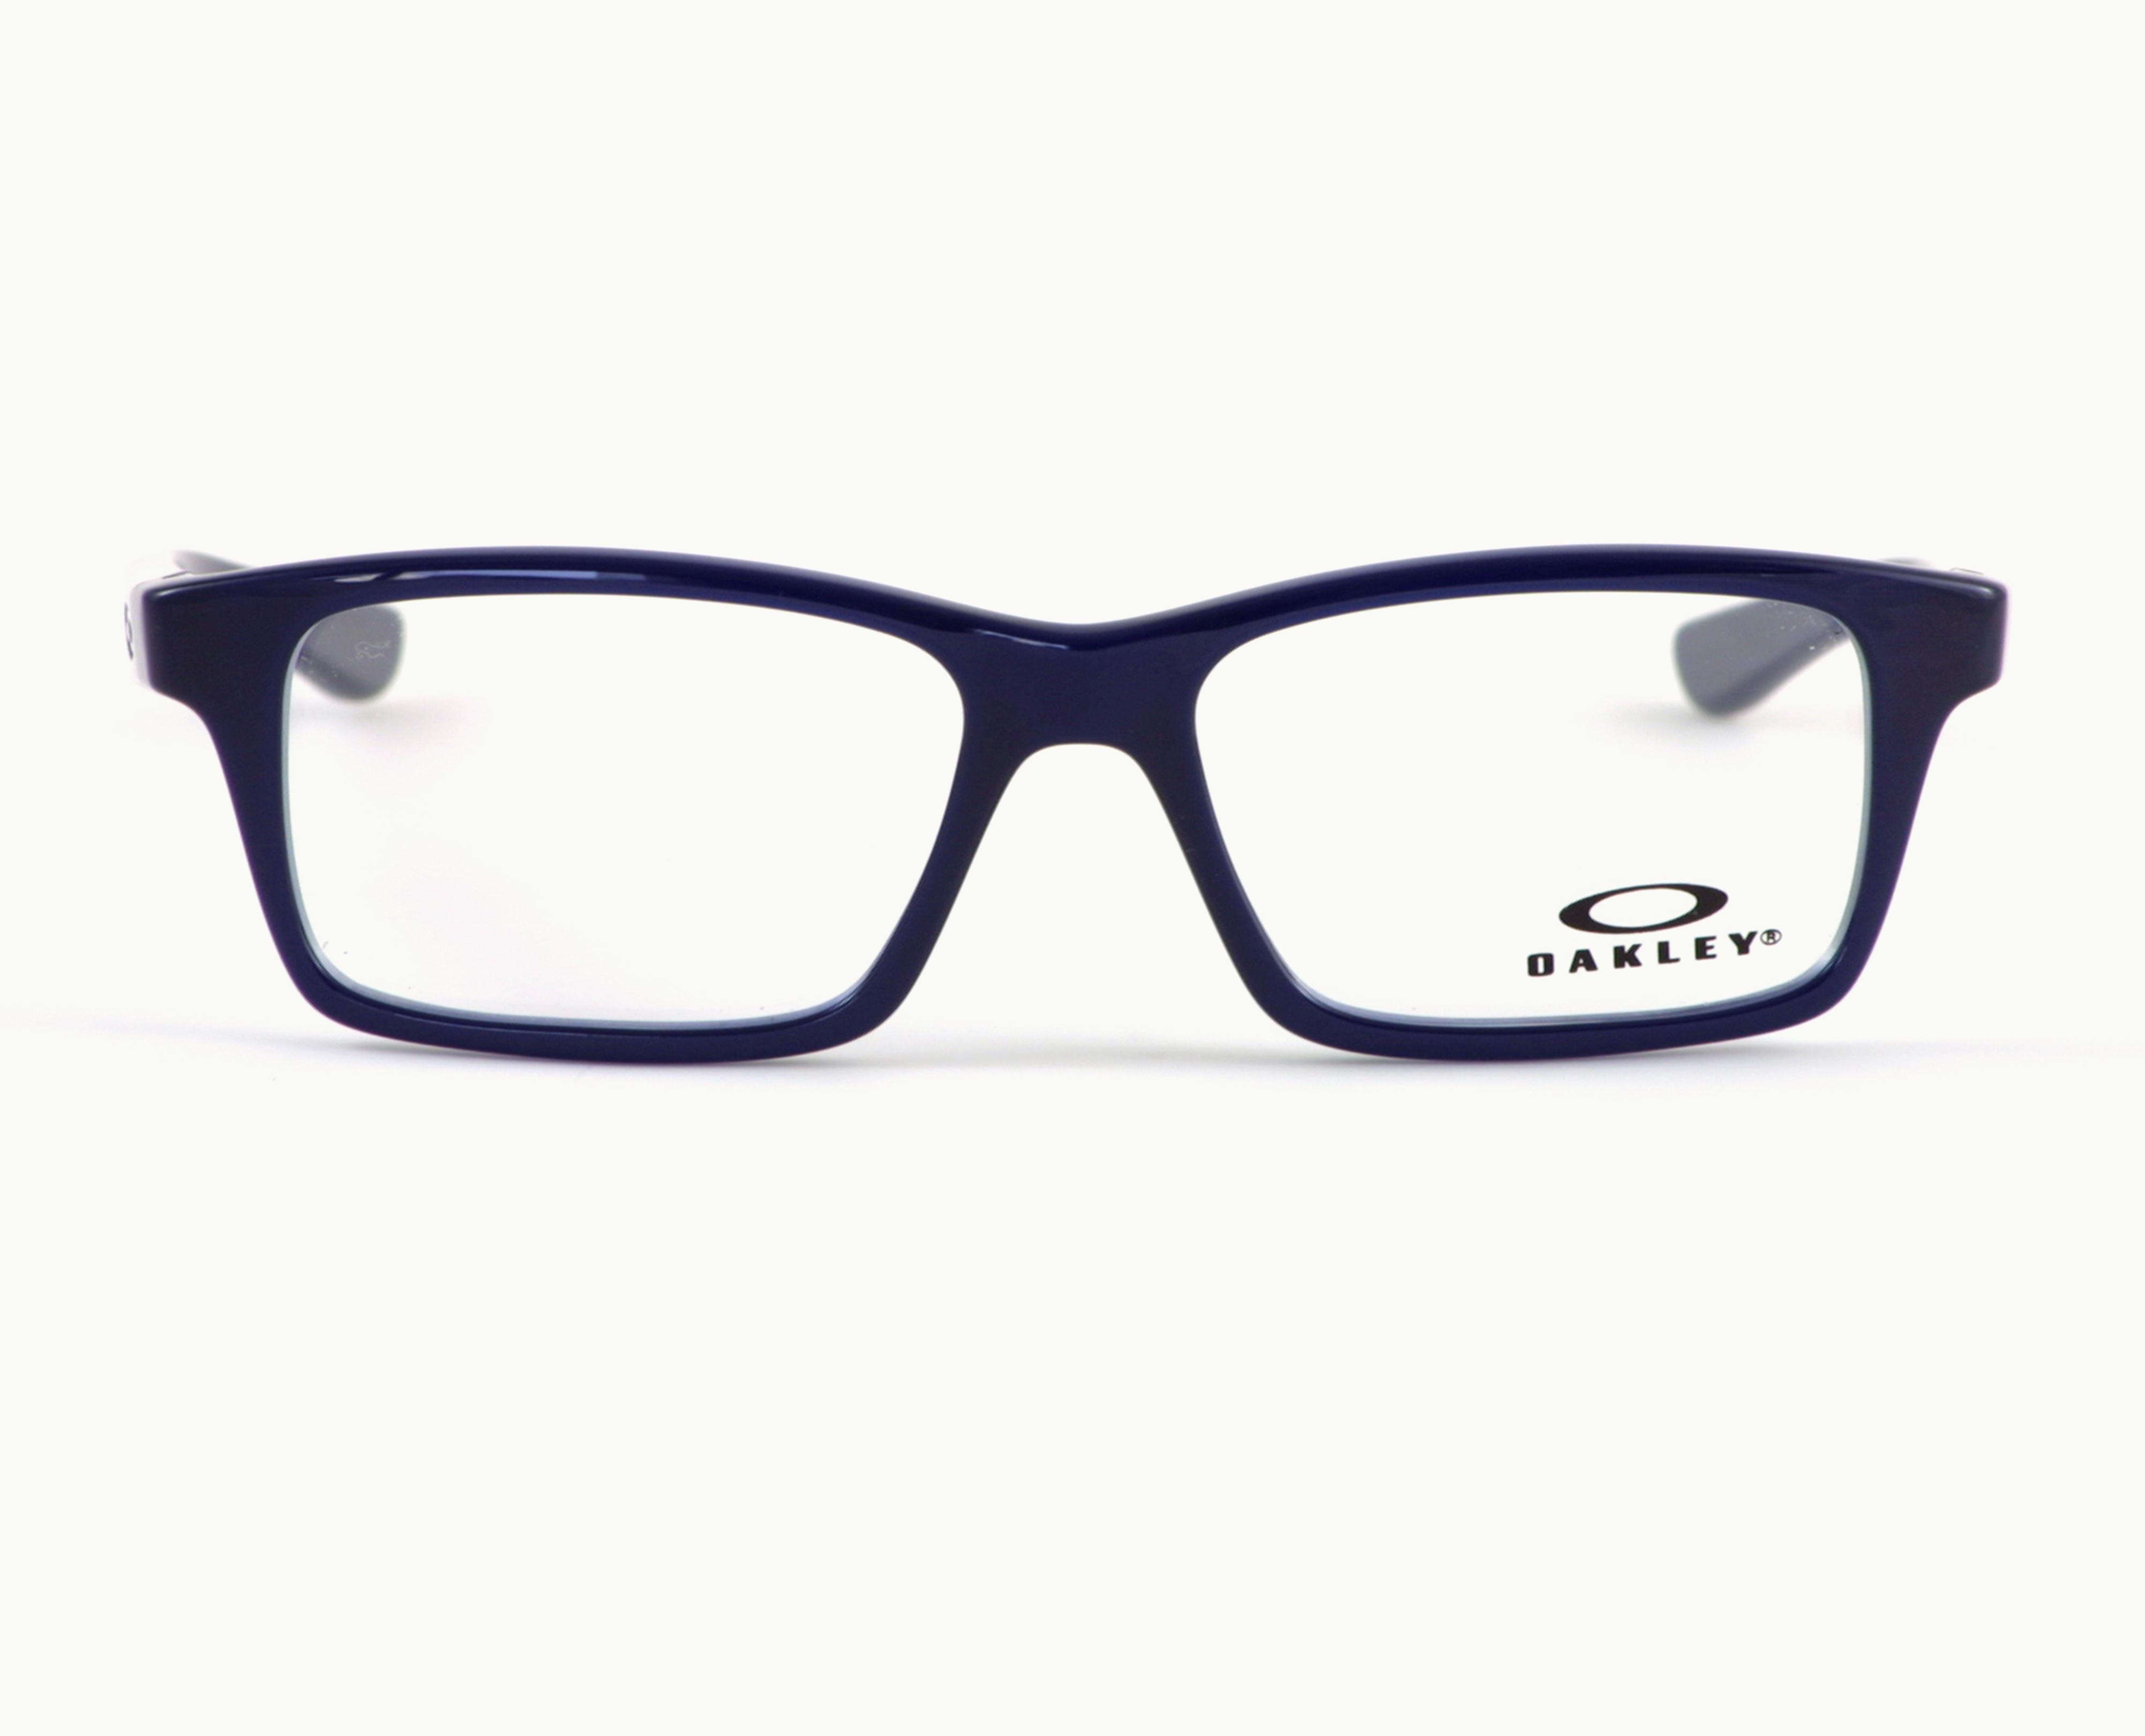 Bild: Brille von Oakley in schwarz